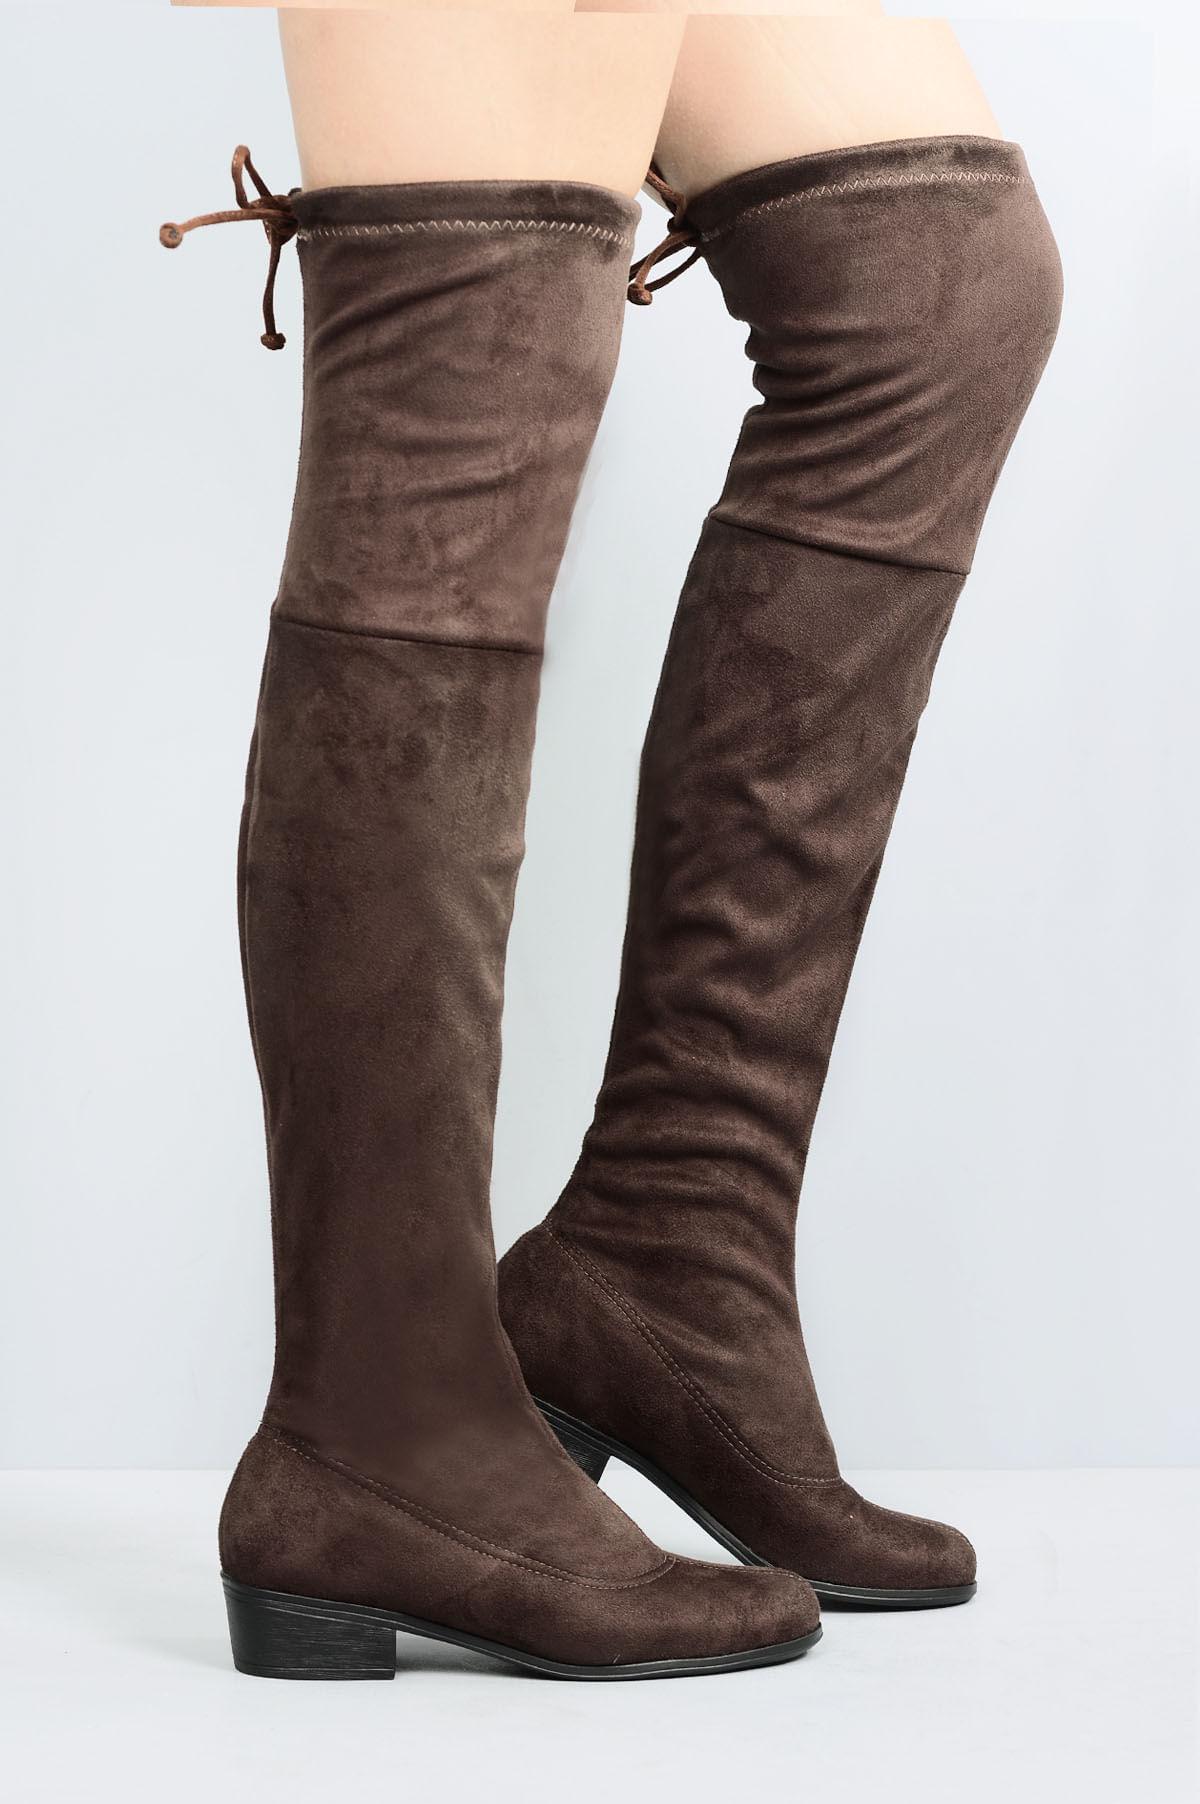 d24220a65 Bota Feminina Salto Baixo Faith Mundial CAM - CAFE - Mundial Calçados